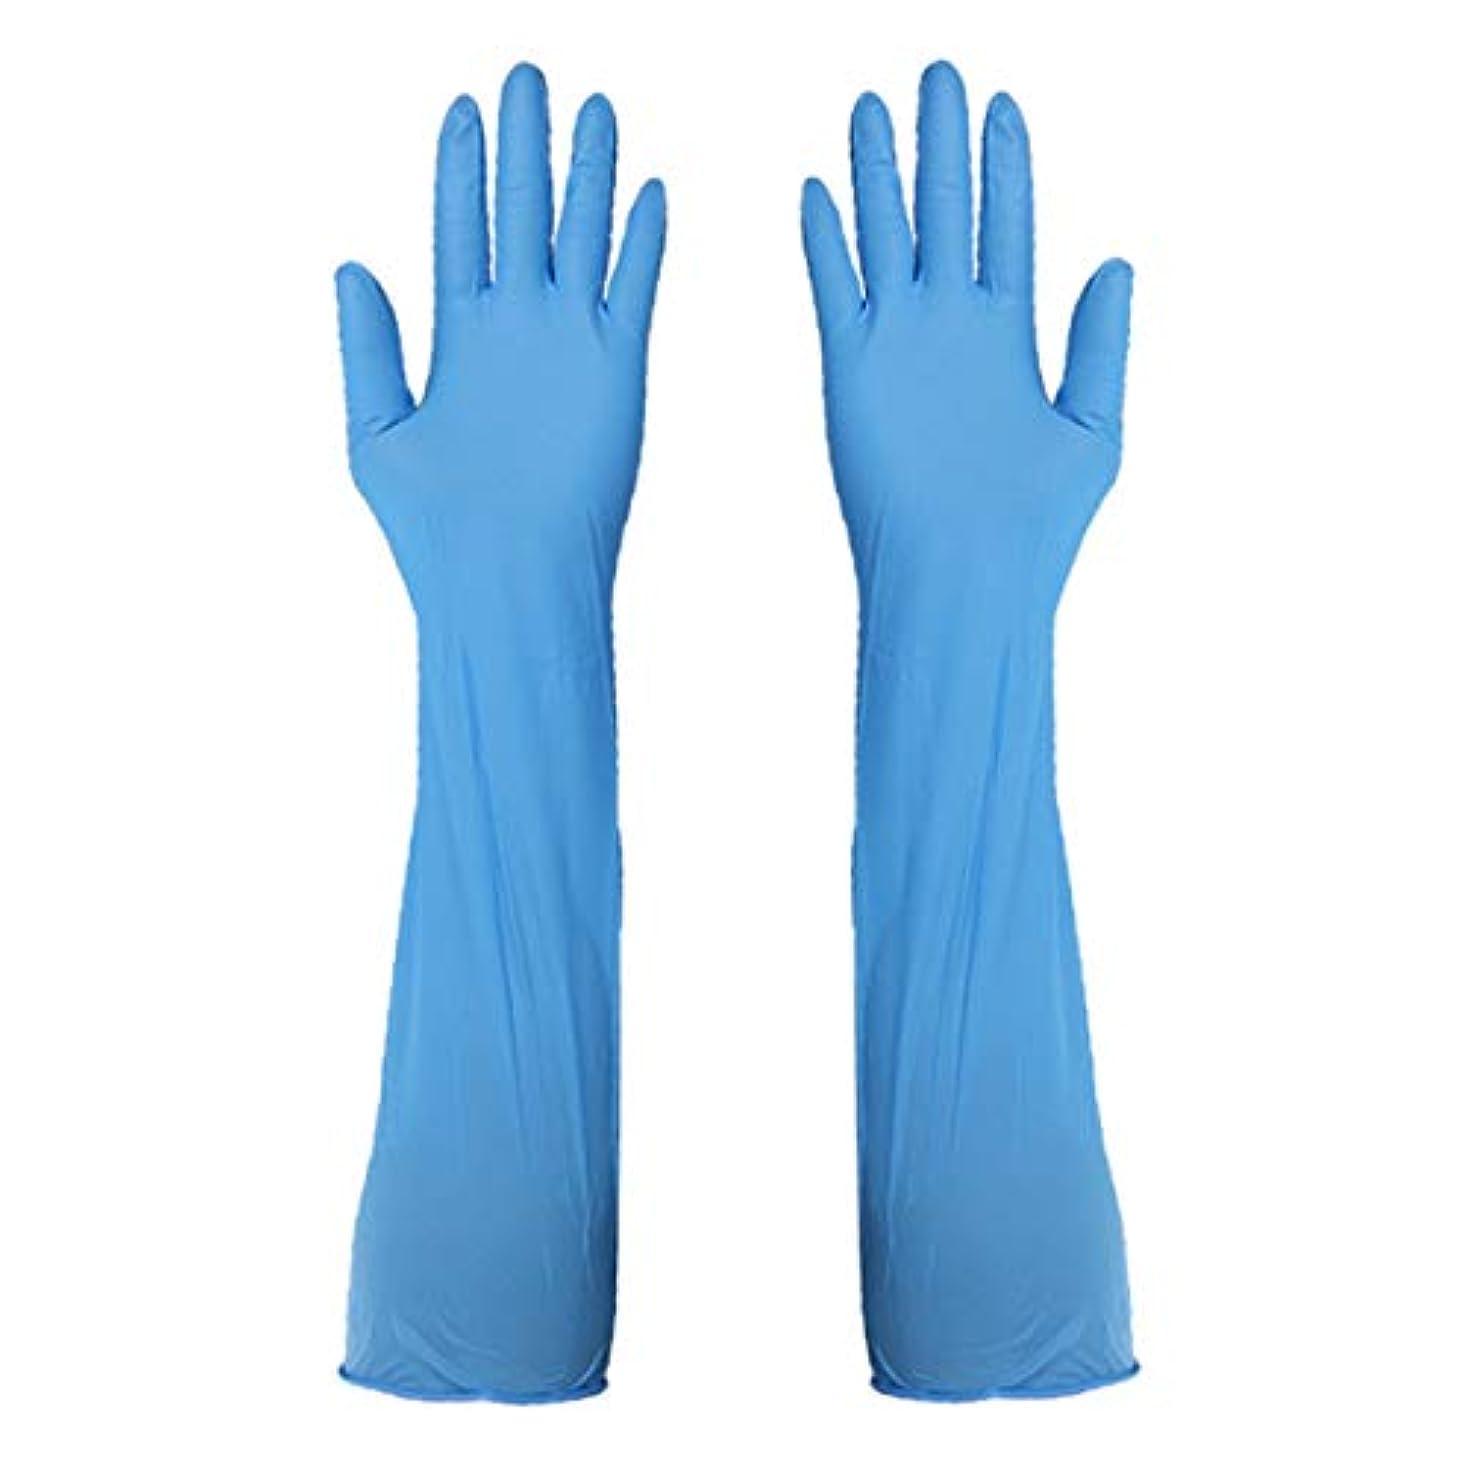 レール孤独の面ではニトリルグローブ 使い捨て手袋 手袋を長くする グローブ パウダーフリー 作業 介護 調理 炊事 園芸 掃除用 10組,M